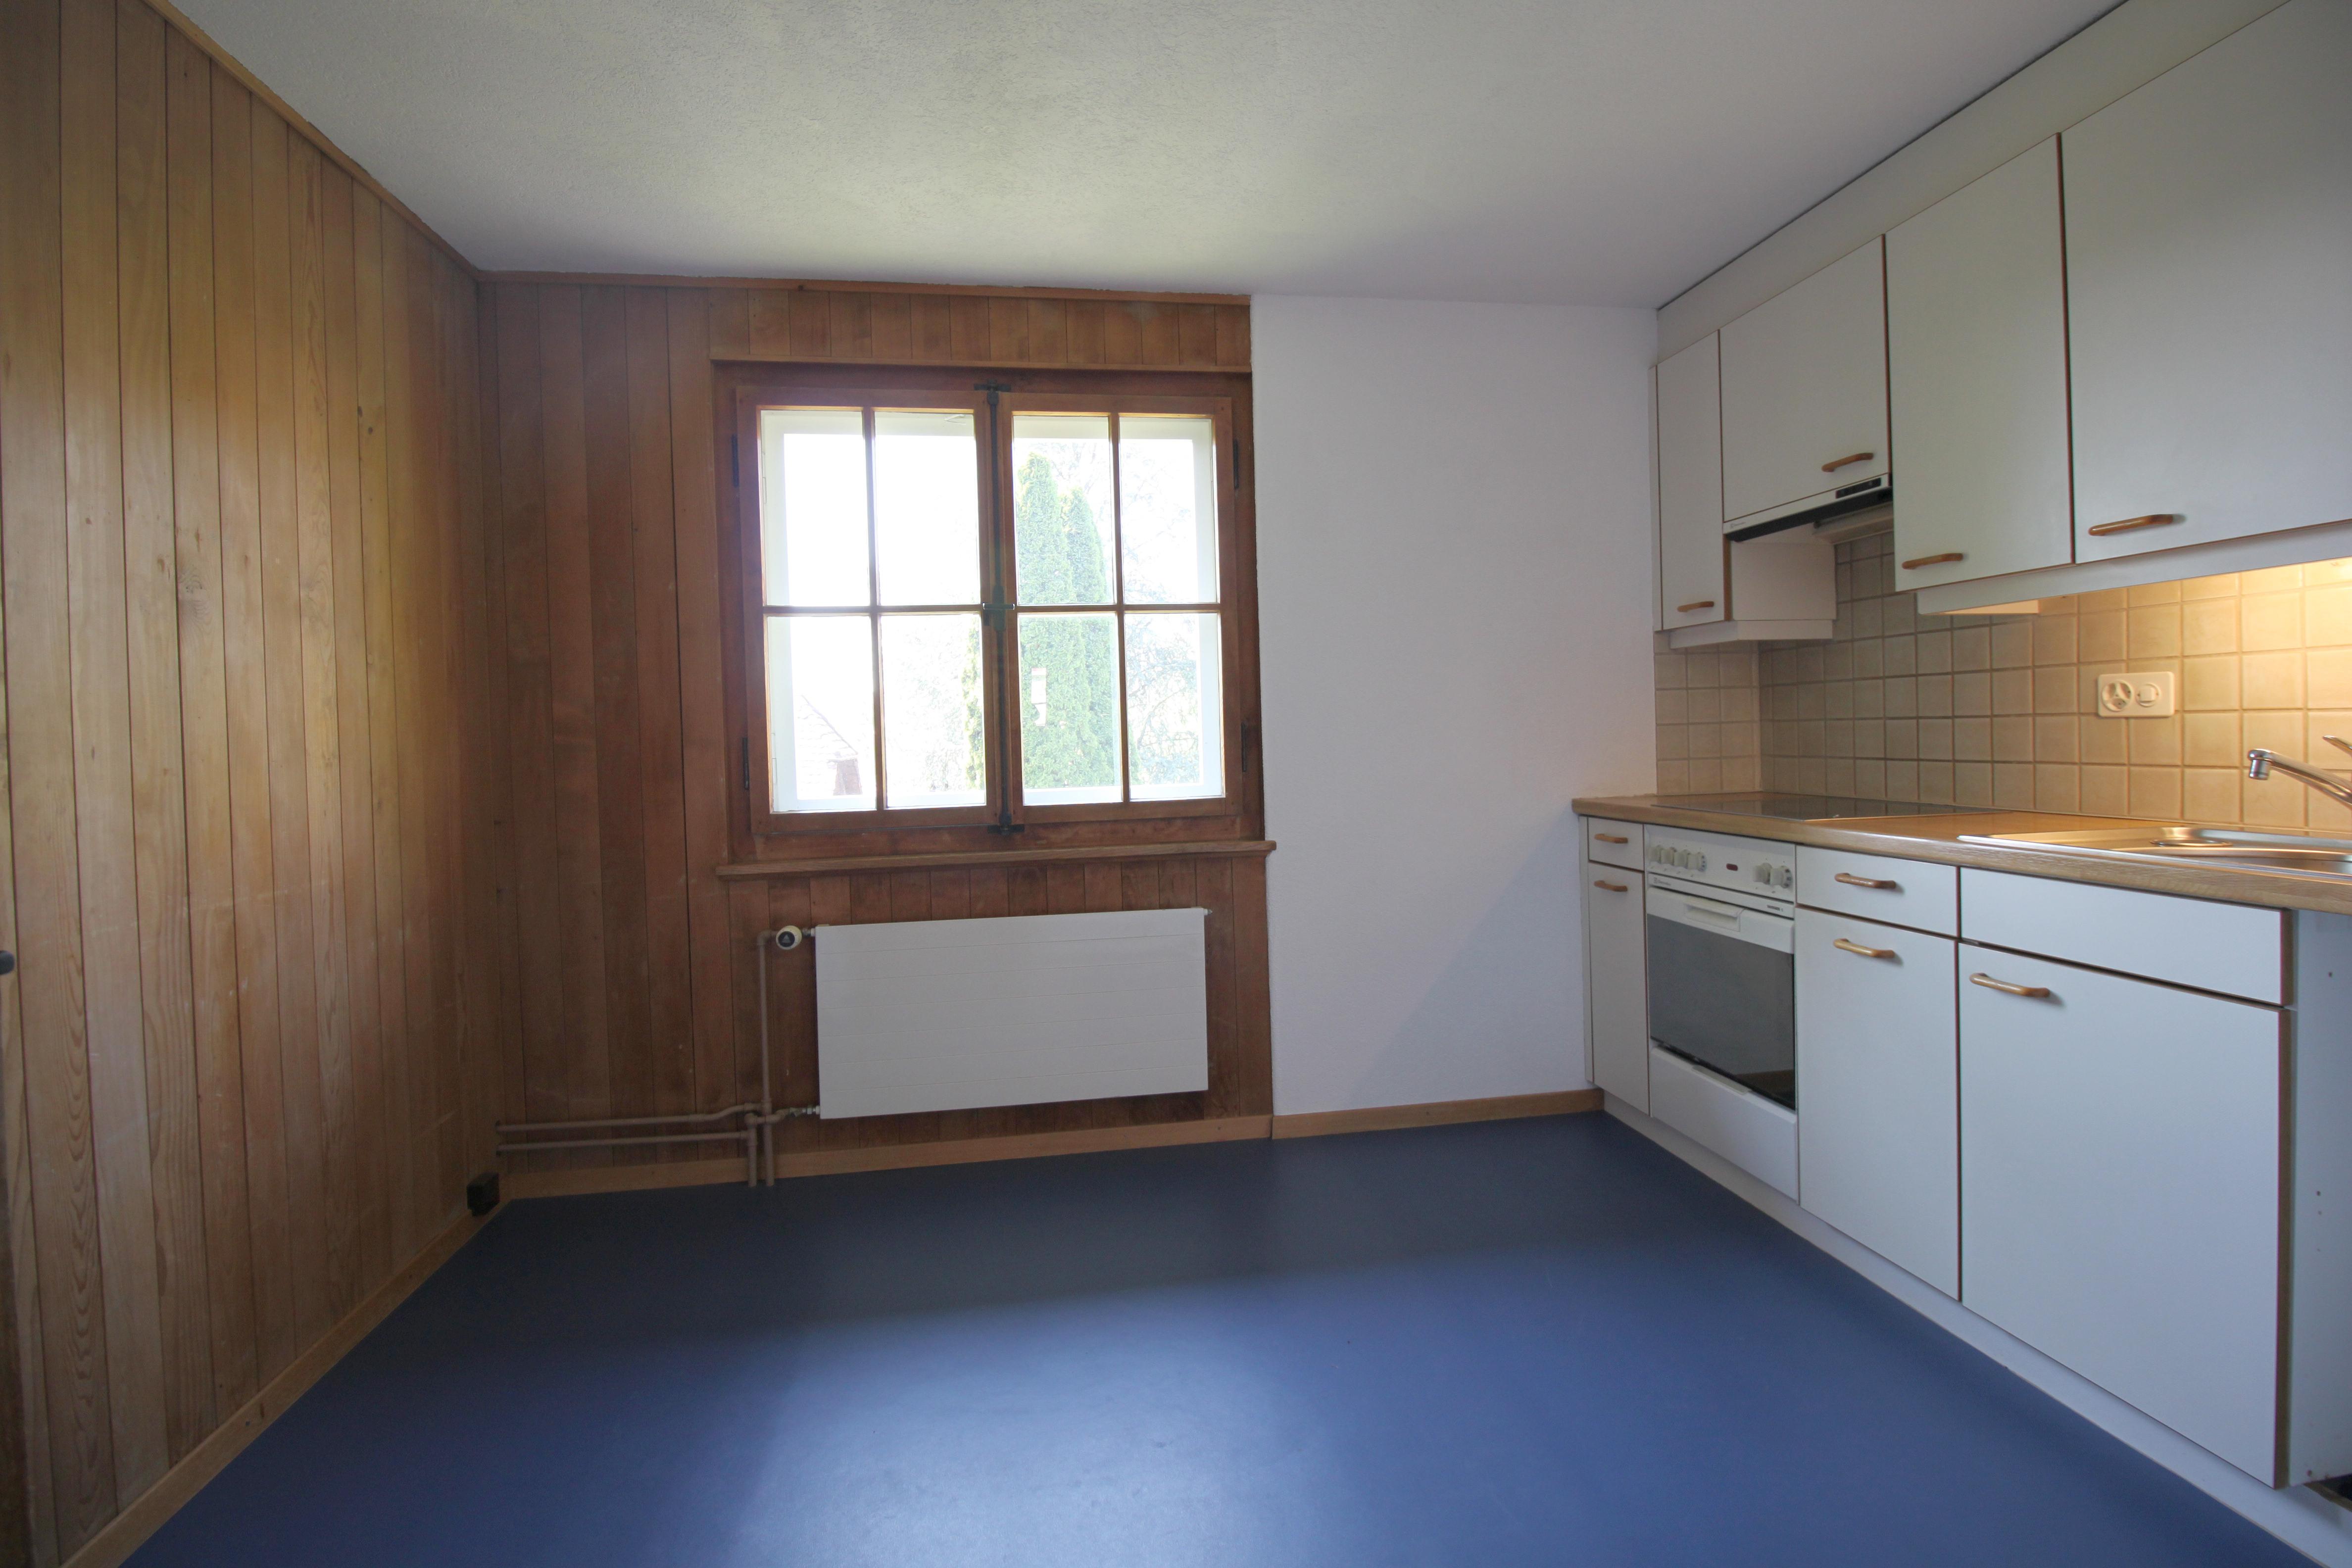 17_Küche1